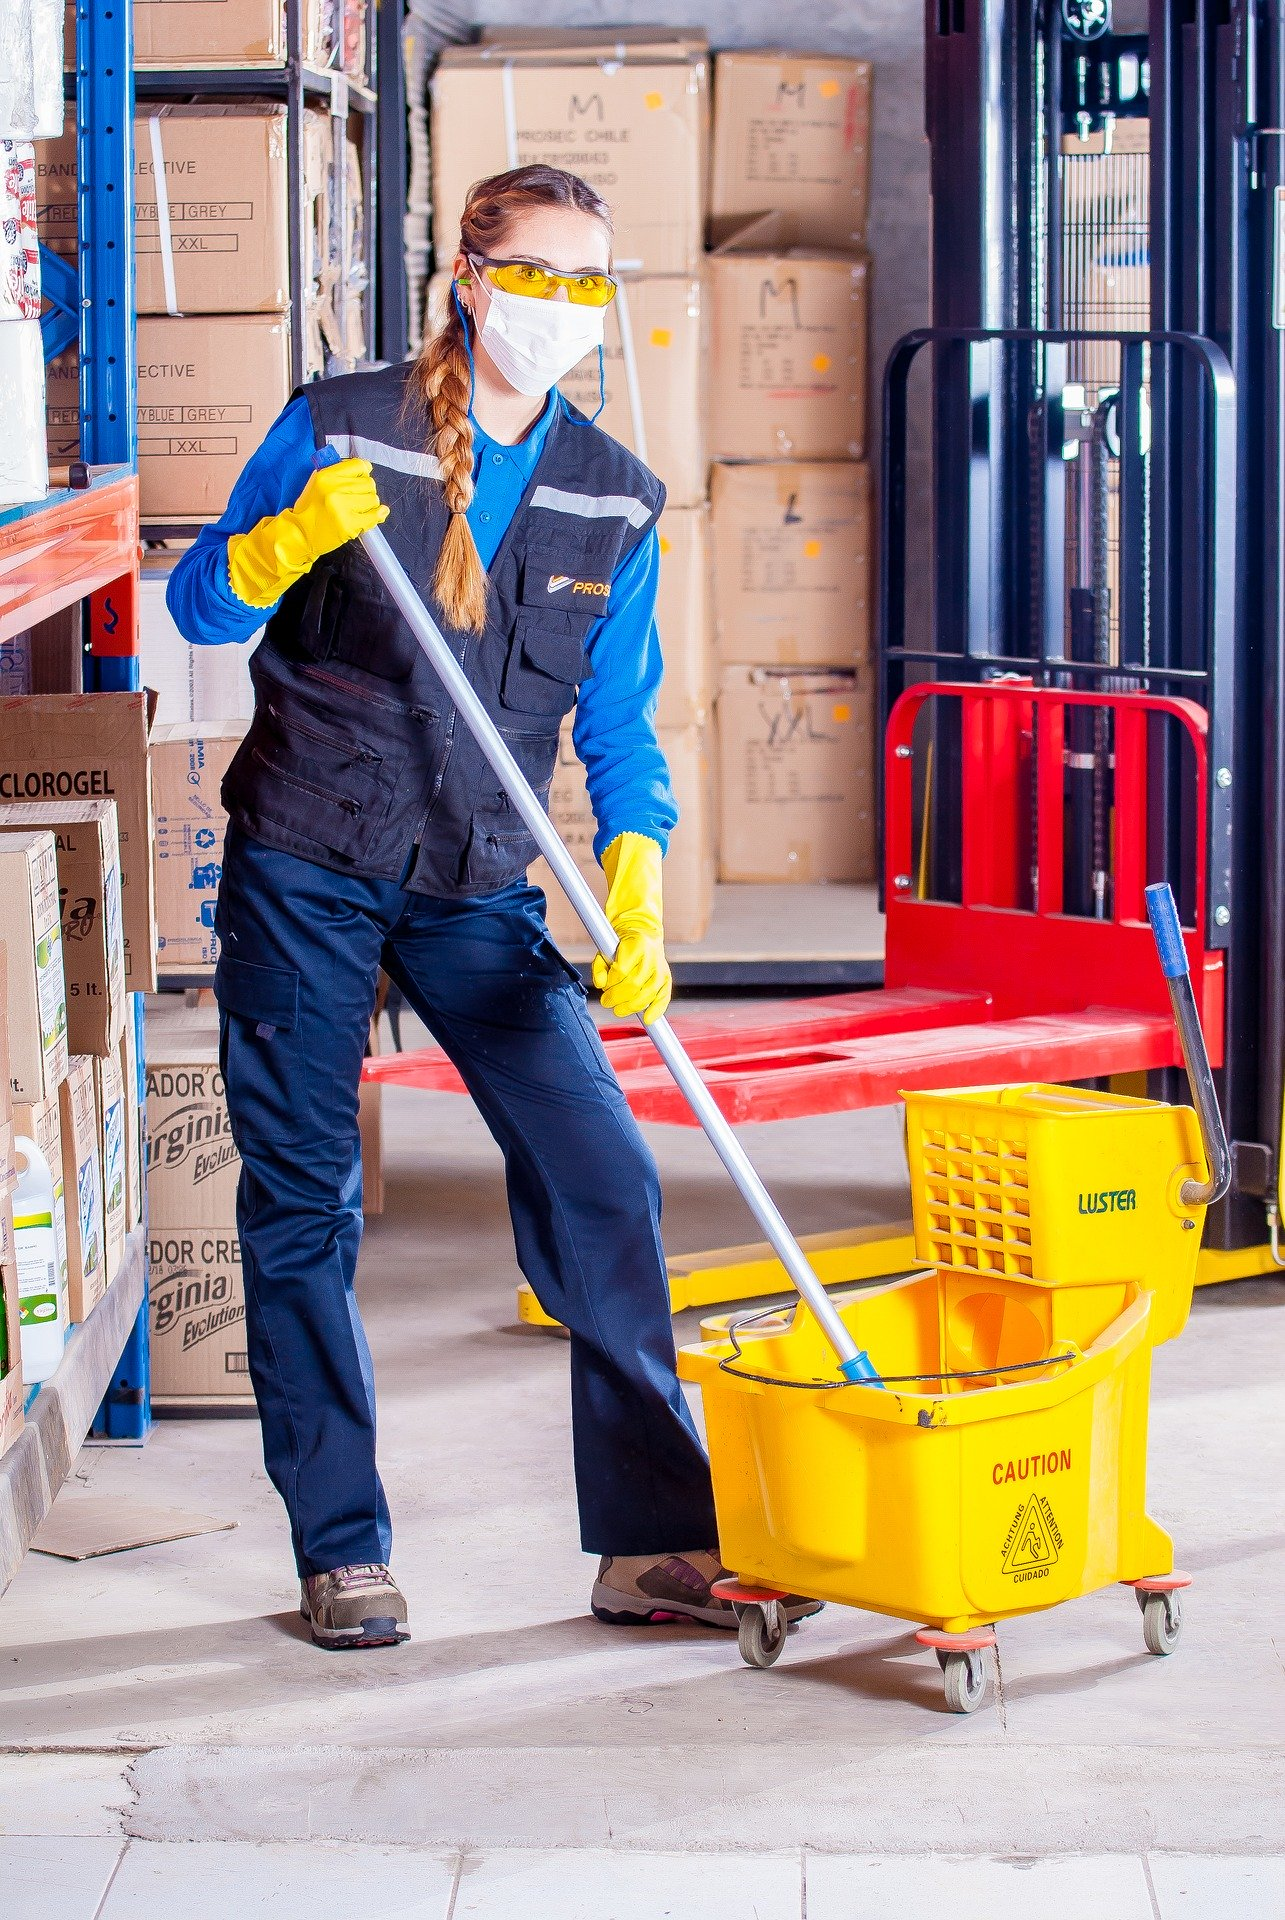 servicio de limpieza de comunidades empresas y negocios